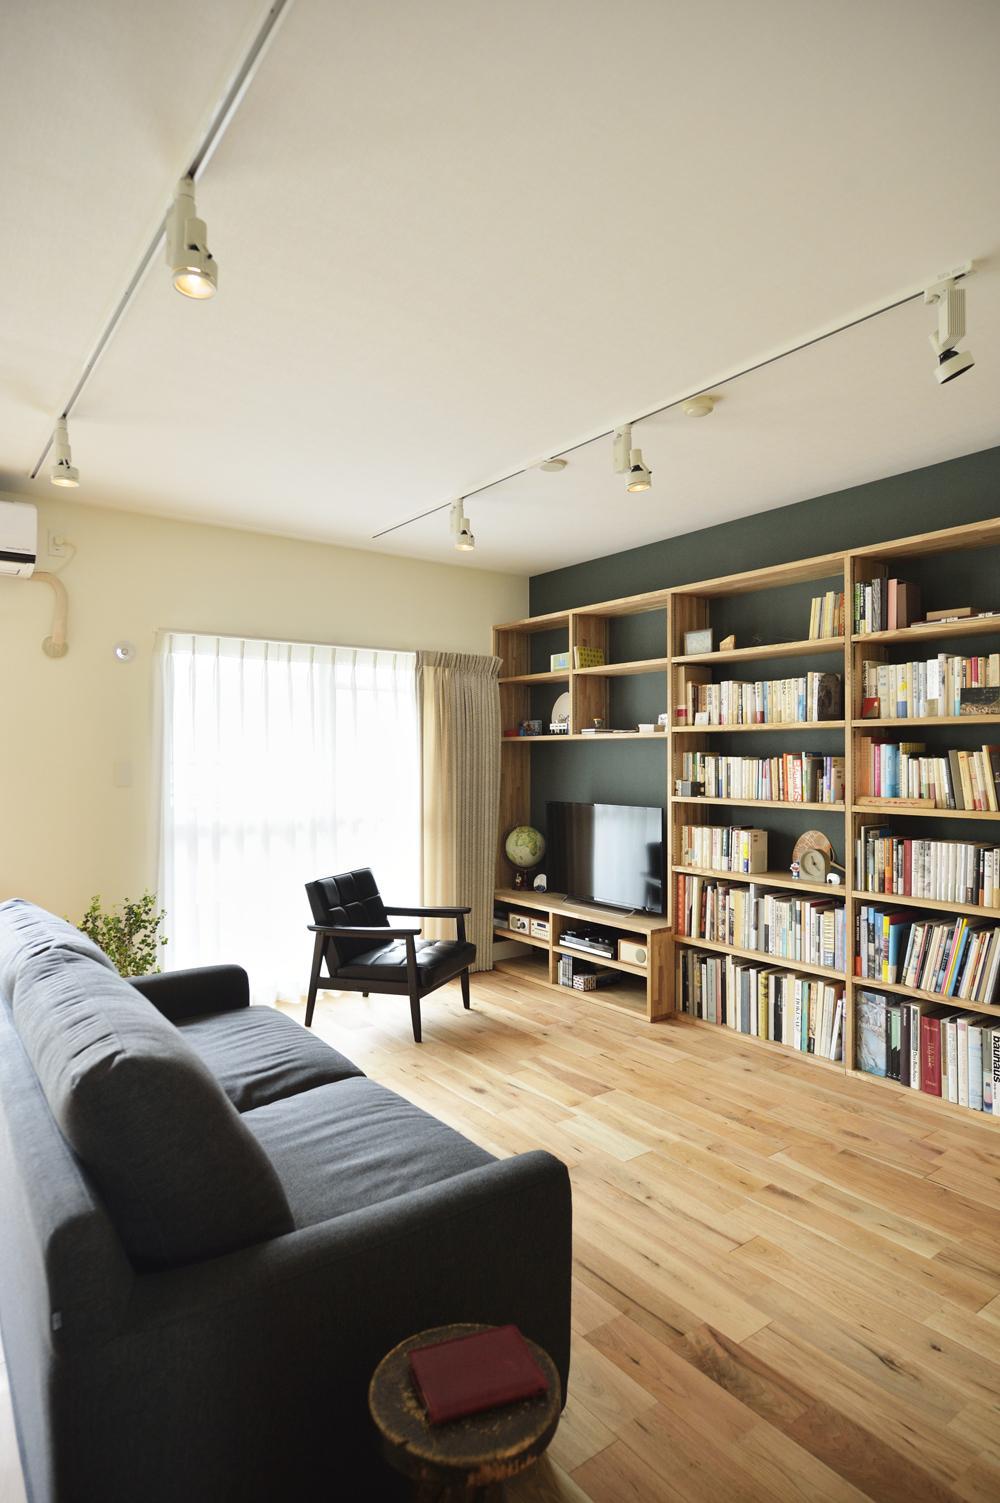 K邸・暮しを彩る収納のある家 (リビング-テレビボード兼壁面収納)